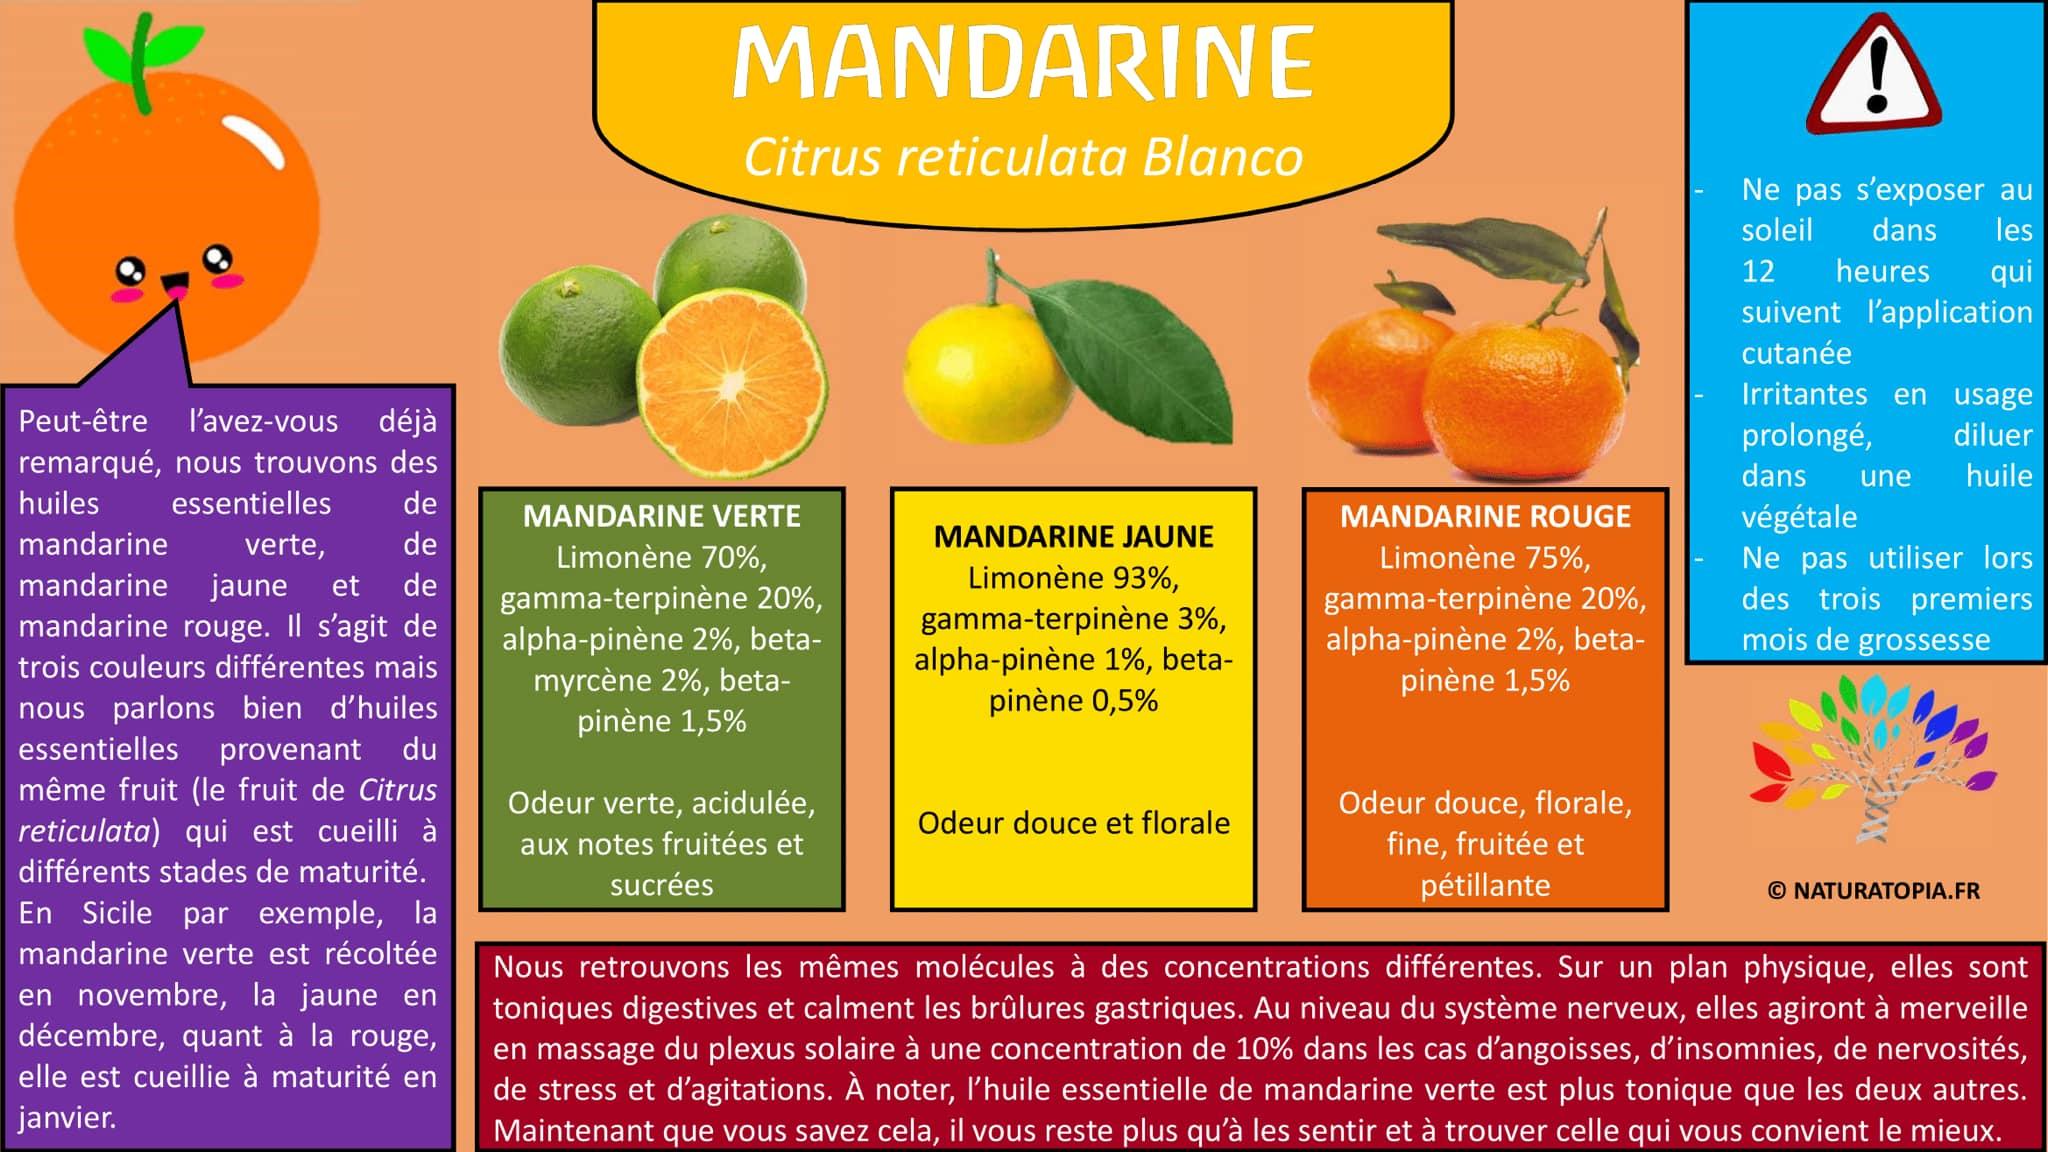 Mandarine Citrus reticulata Blanco Fiche HE Naturatopia